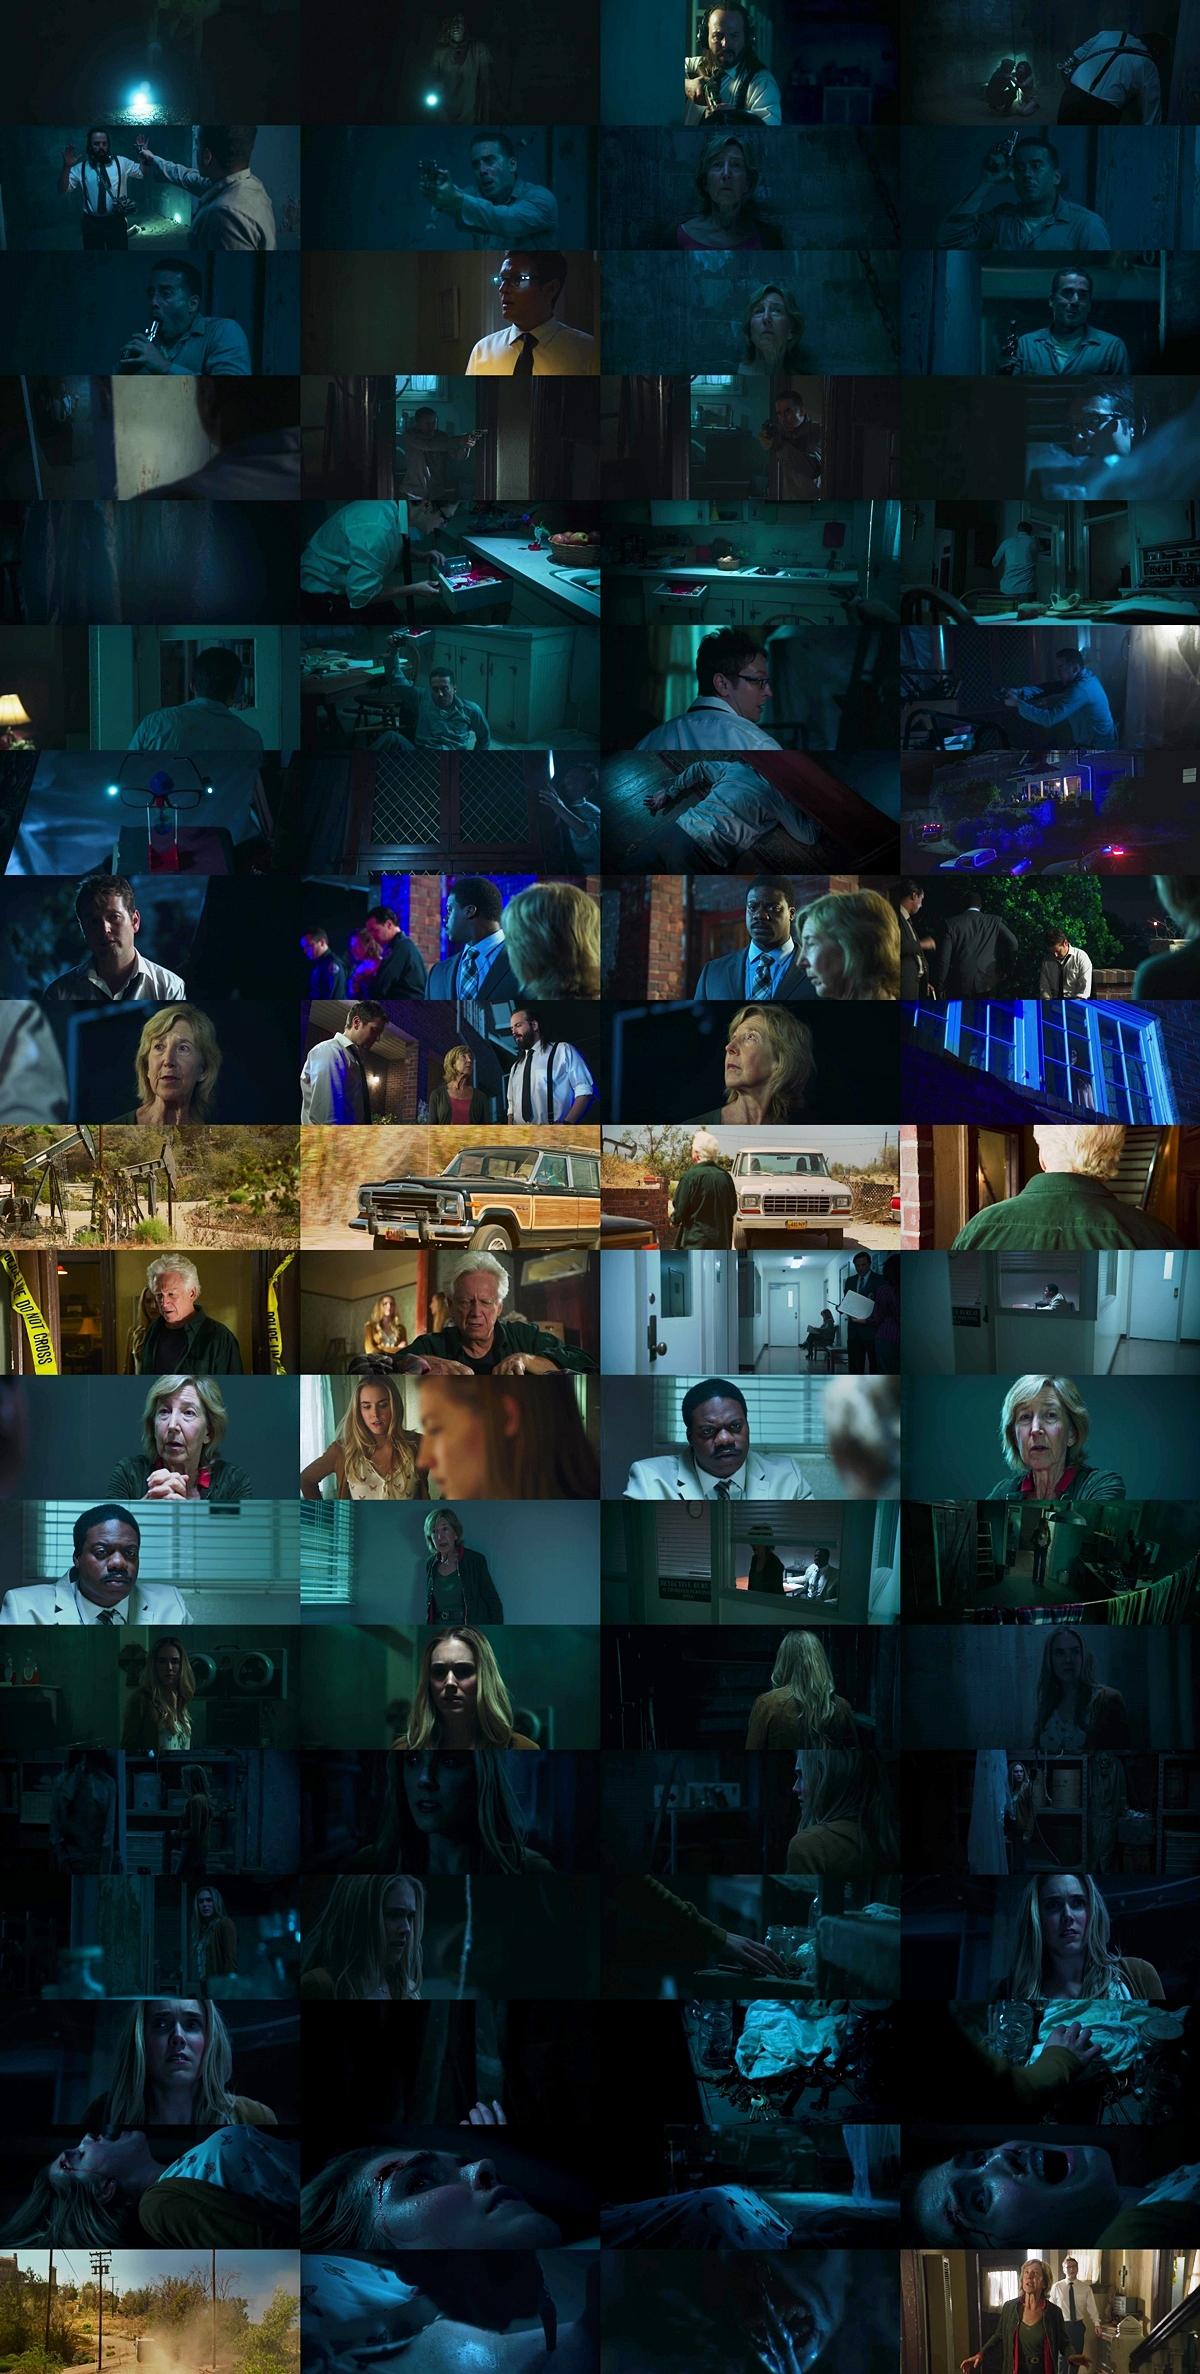 インシディアス: ザ・ラスト・キー (2018)